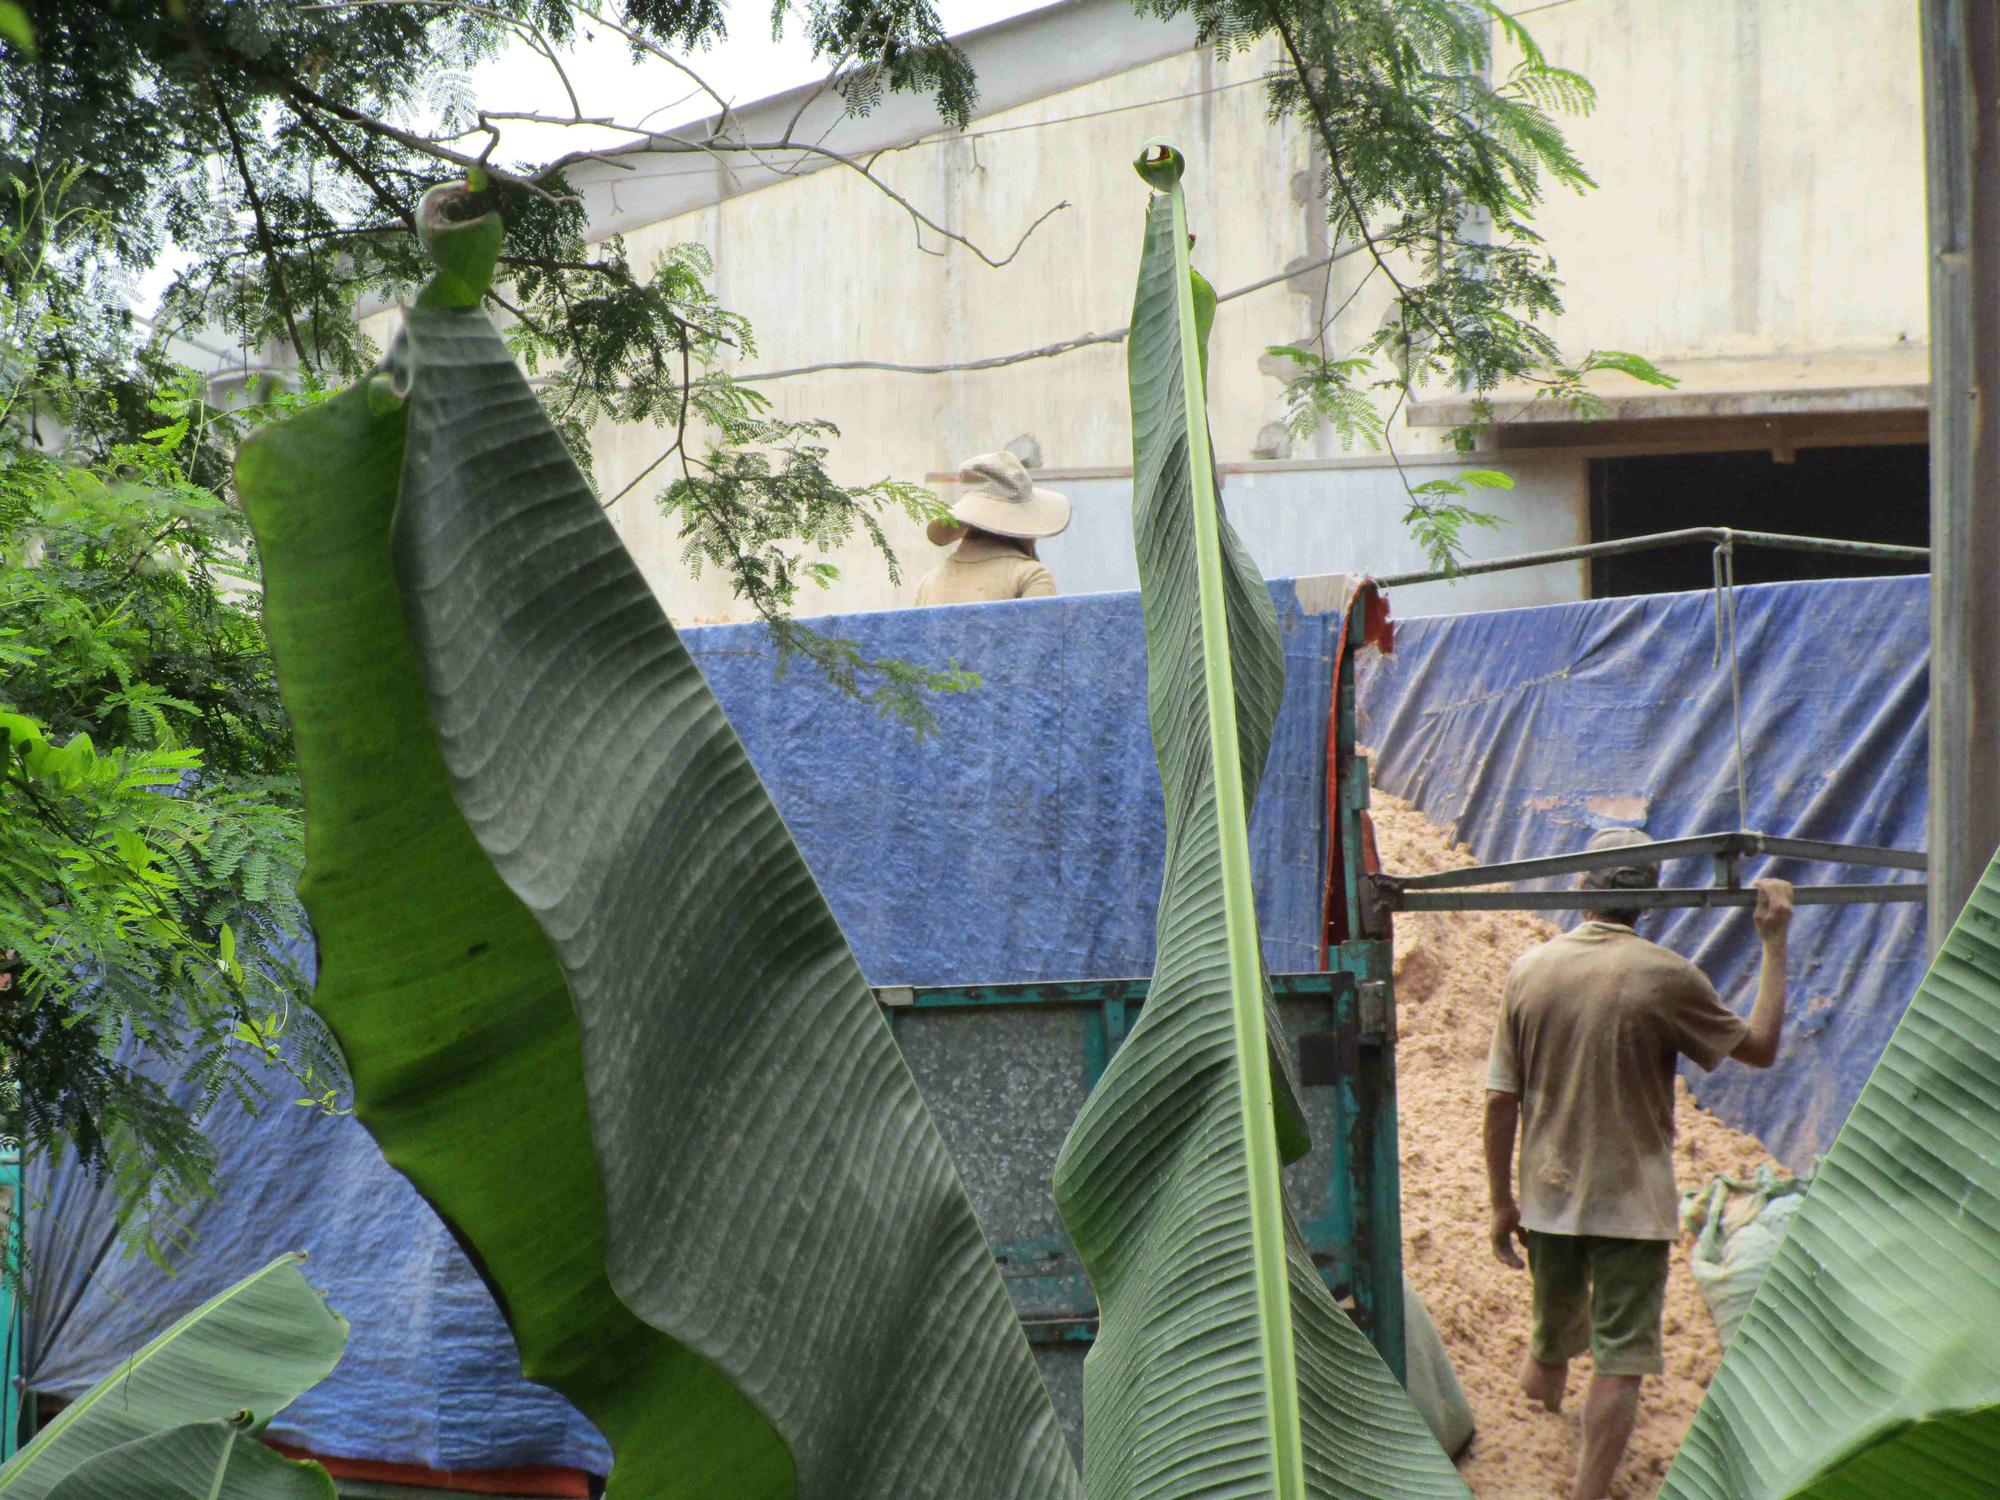 Bình Định: Xí nghiệp chế biến lâm sản Bông Hồng nằm sát khu dân cư gây bức xúc - Ảnh 2.